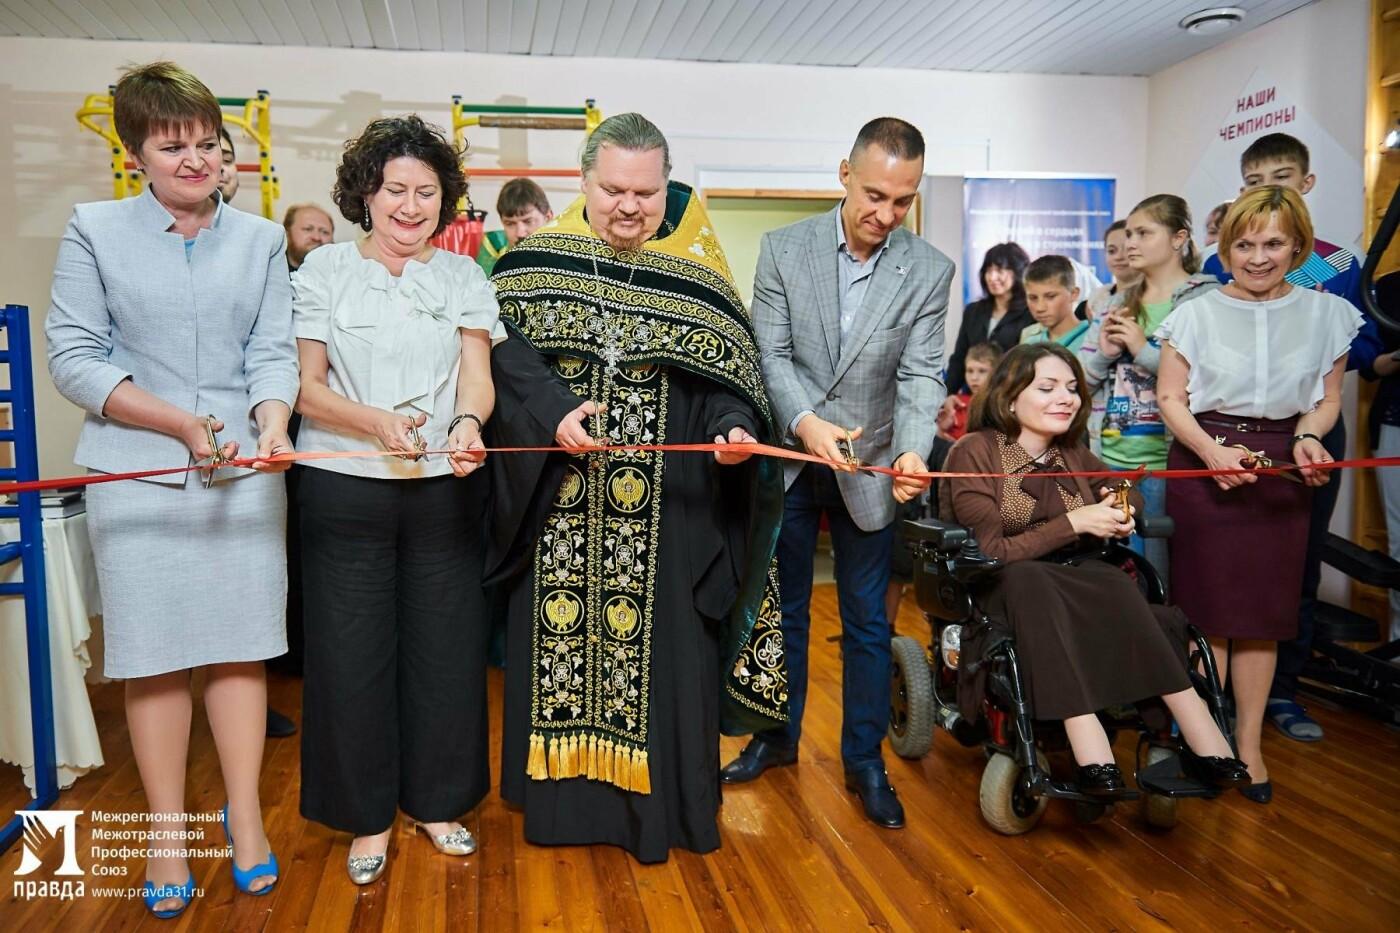 Профсоюз «Правда» вместе с белгородцами подарил тренажёры для реабилитации детей с особенностями здоровья, фото-3